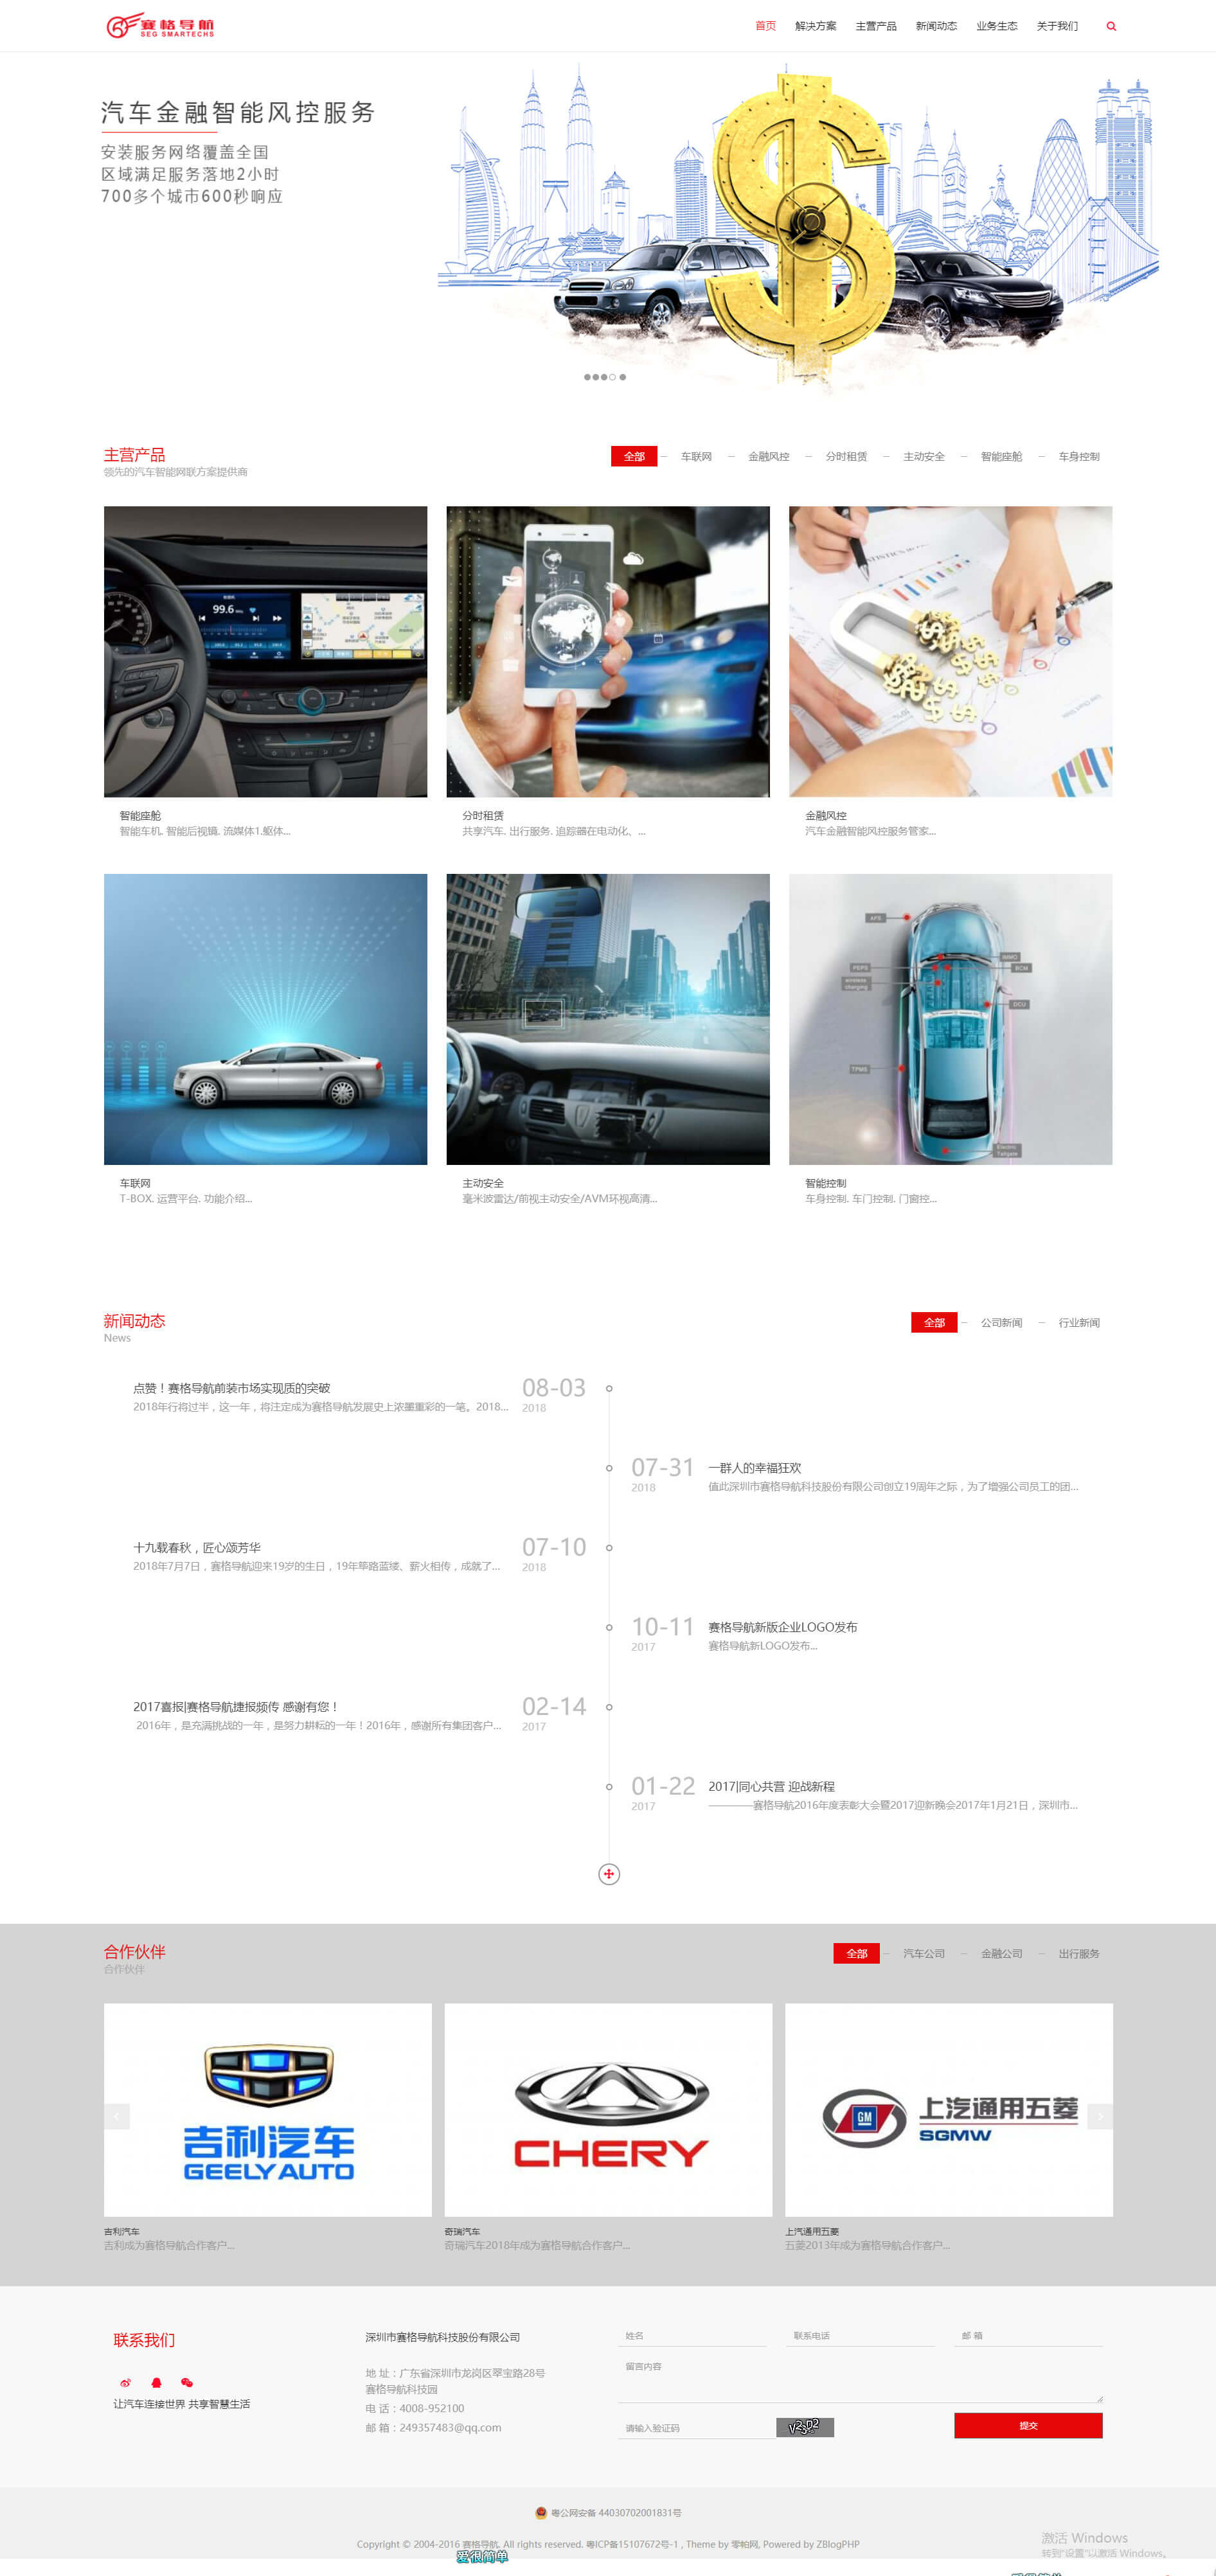 深圳市赛格导航科技股份有限公司网站建设案例截图